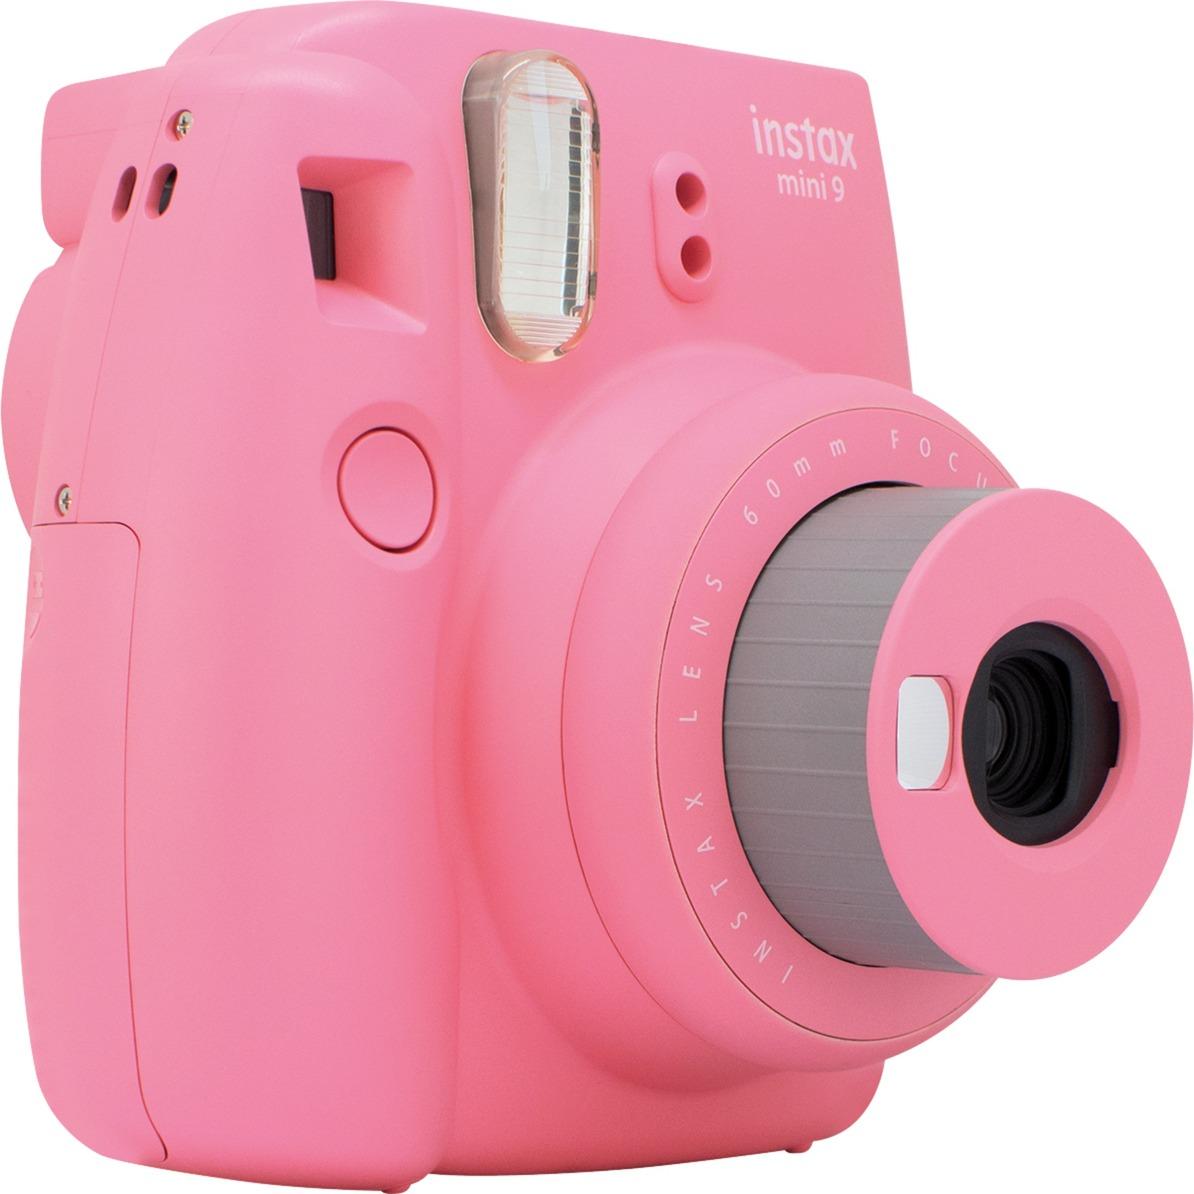 Instax Mini 9 cámara instantánea impresión 62 x 46 mm Rosa